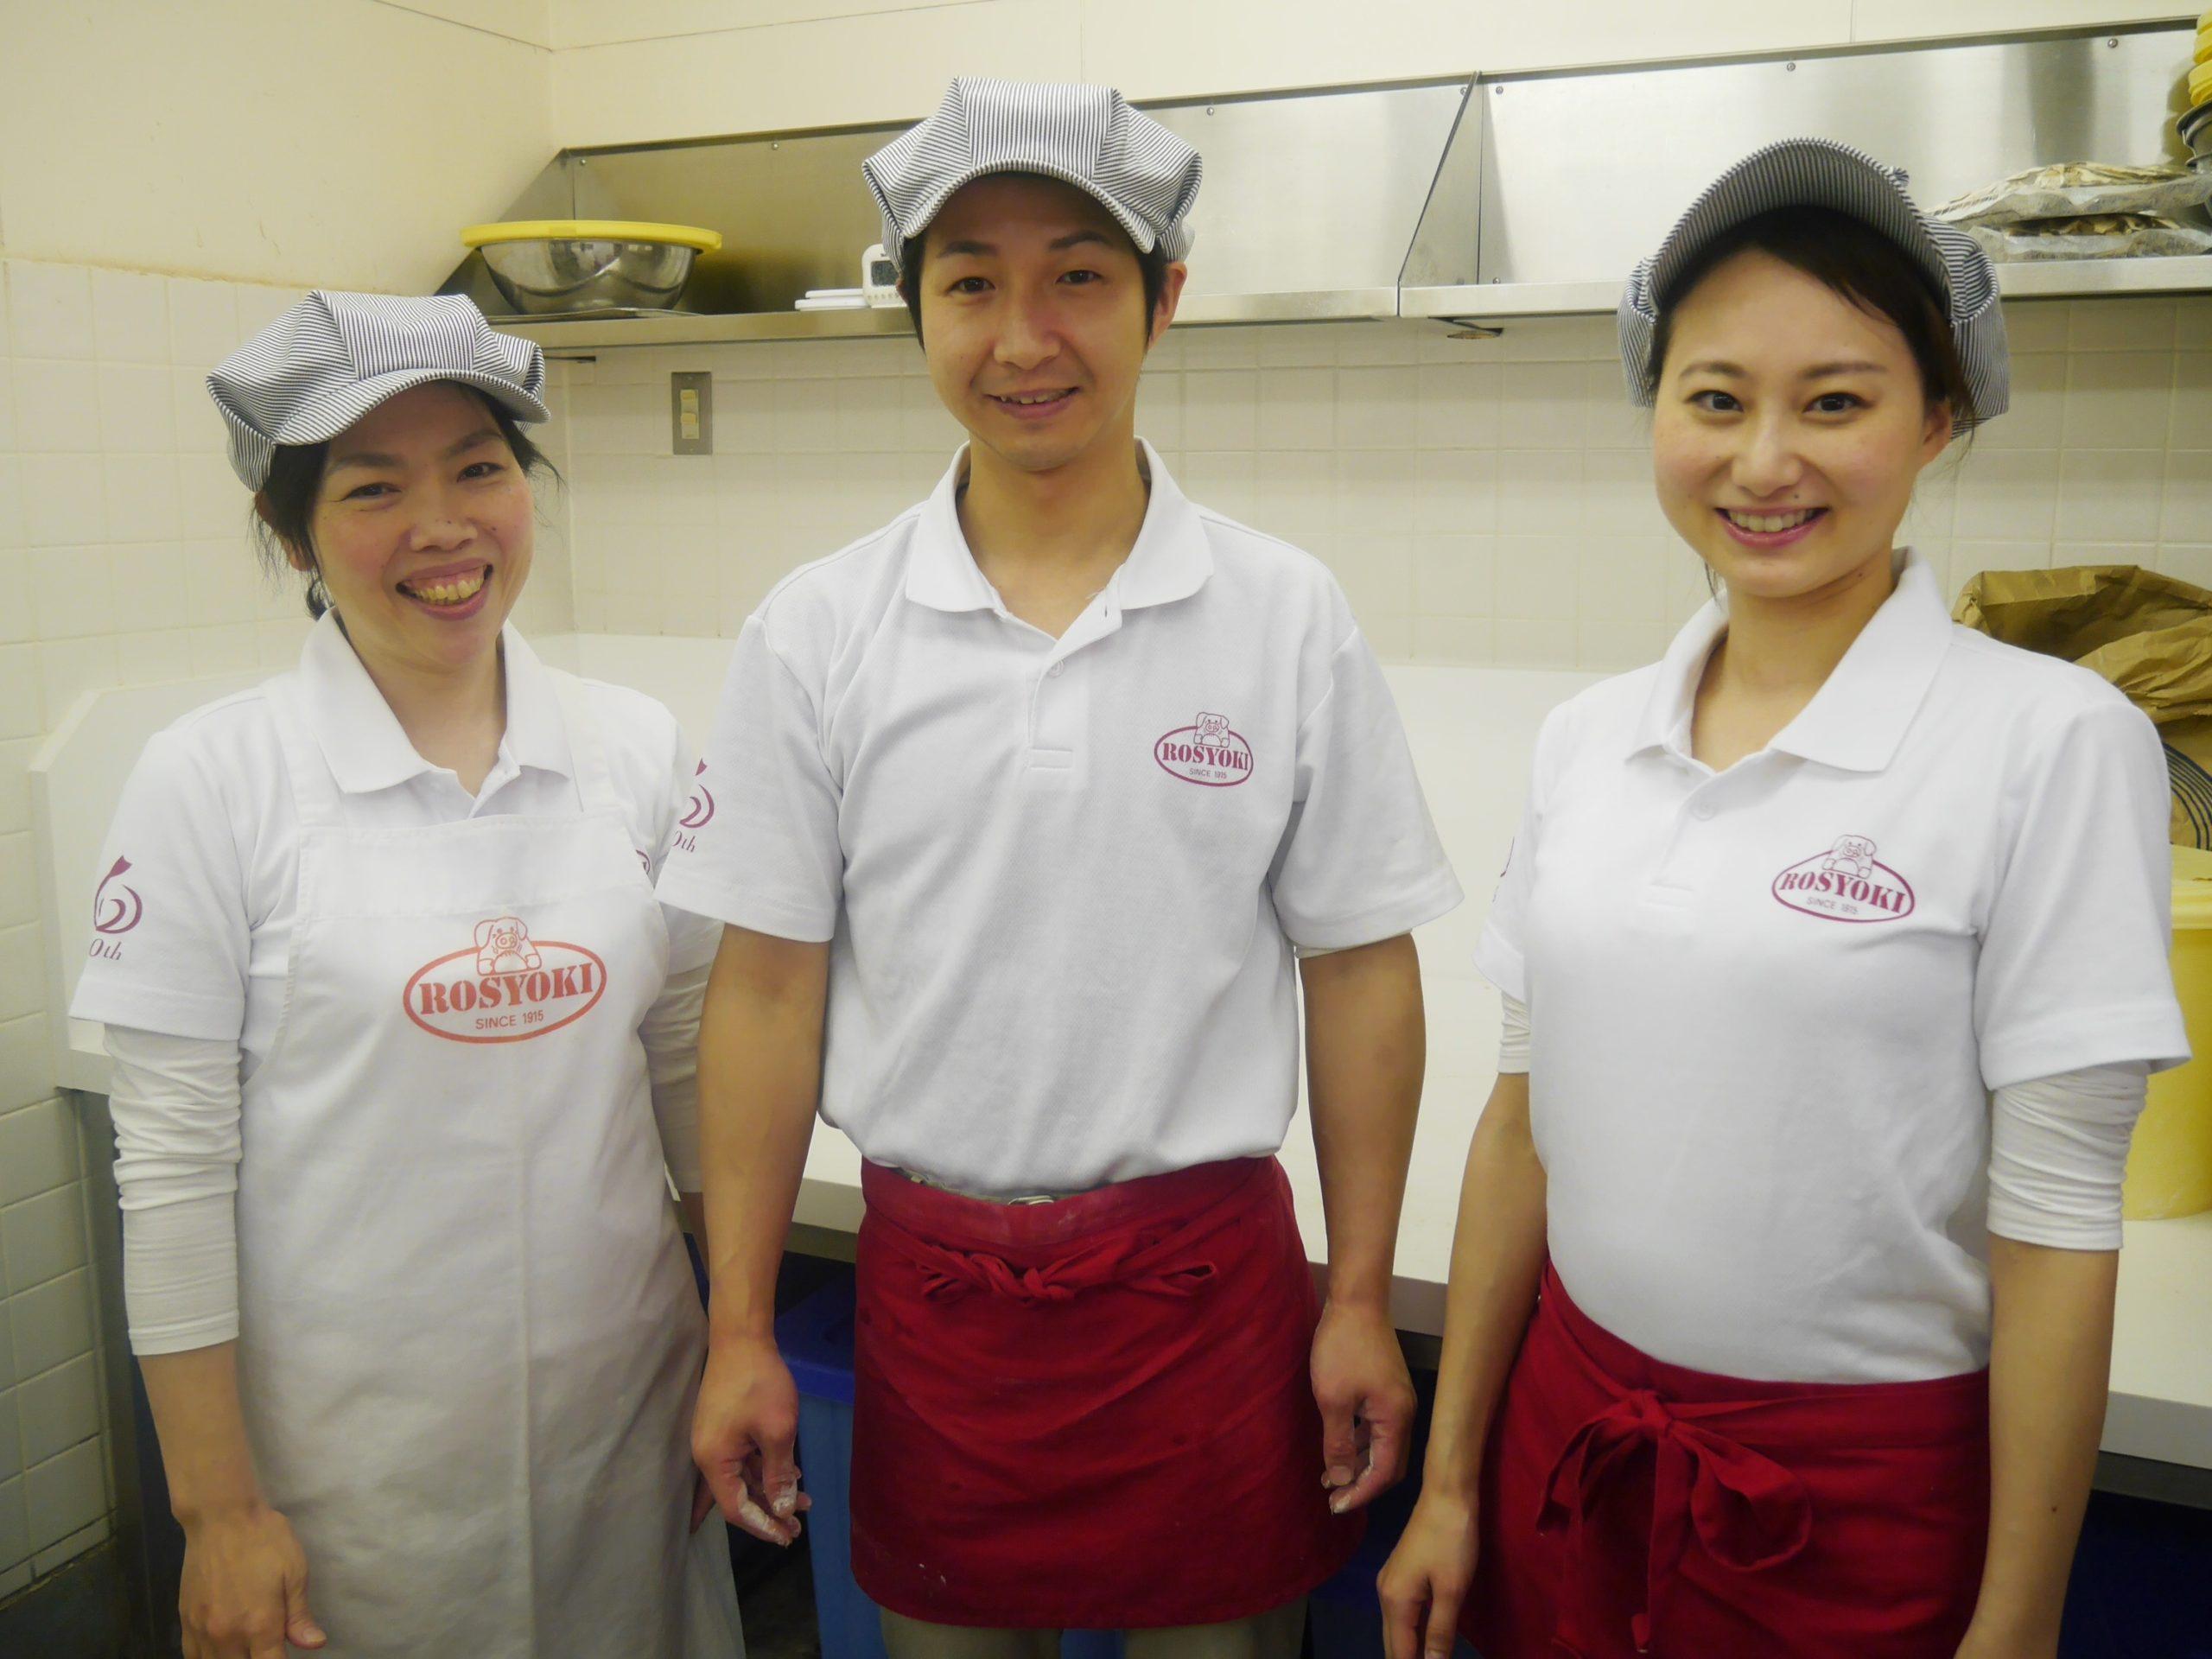 老祥記のスタッフ3名が厨房で笑顔で立っている